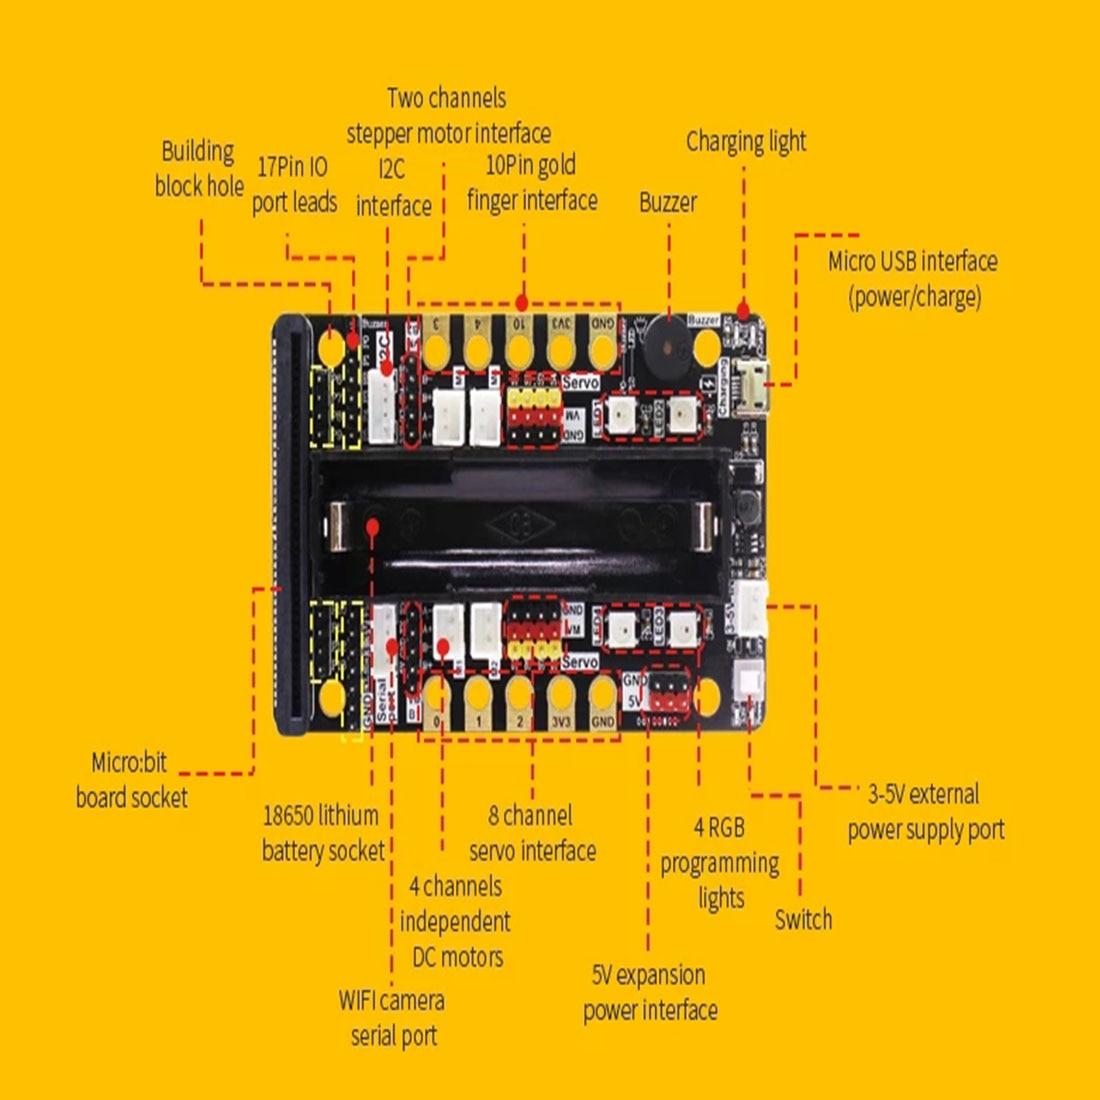 Programm Intelligente Roboter Baustein Auto Kit Verschiedene Formen Dampf Programmierung Bildung Auto Für Micro: Bit Programmierbare Spielzeug - 6